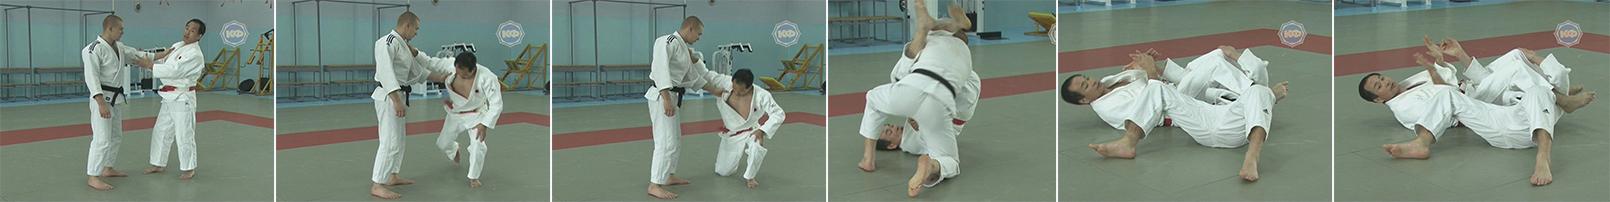 Бросок через голову (tomoe-nage). Переход на болевой приём удэ-хишиги-джуджи-гатамэ (Ude-hishigi-juji-gatame) Рычаг локтя захватом руки между ног.